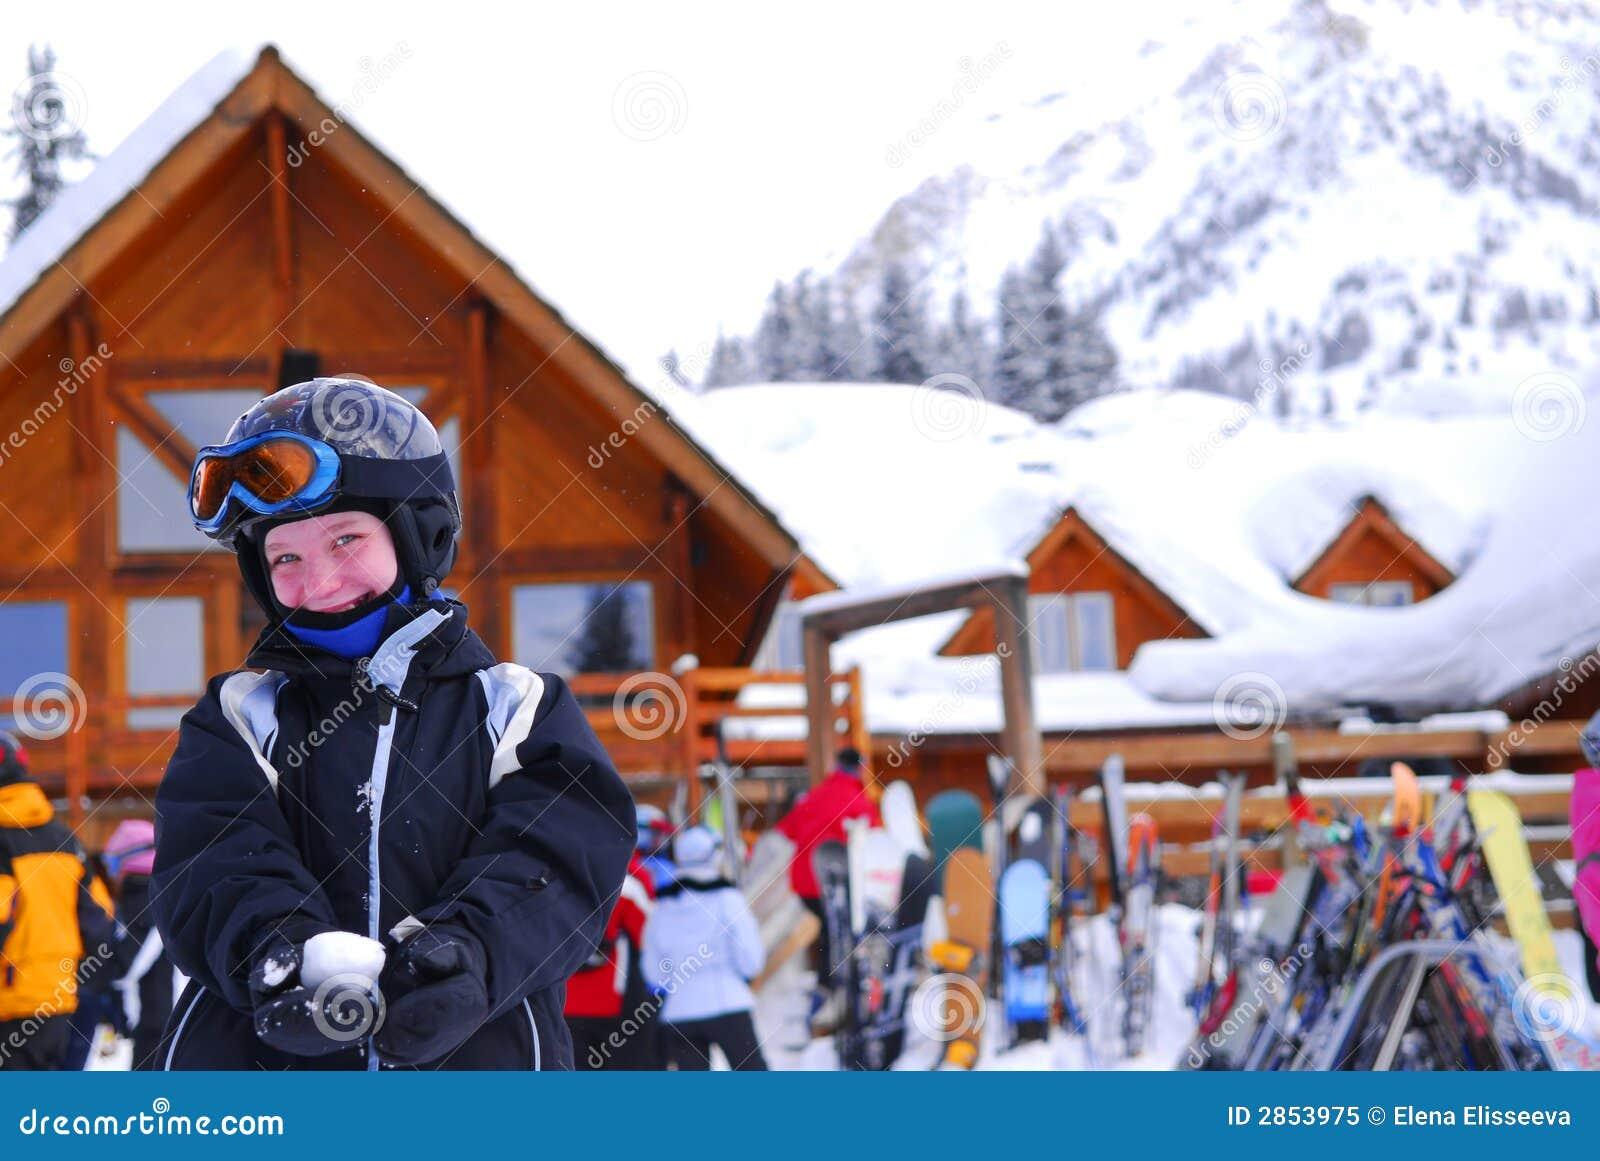 Het kind bij bergaf skiô toevlucht